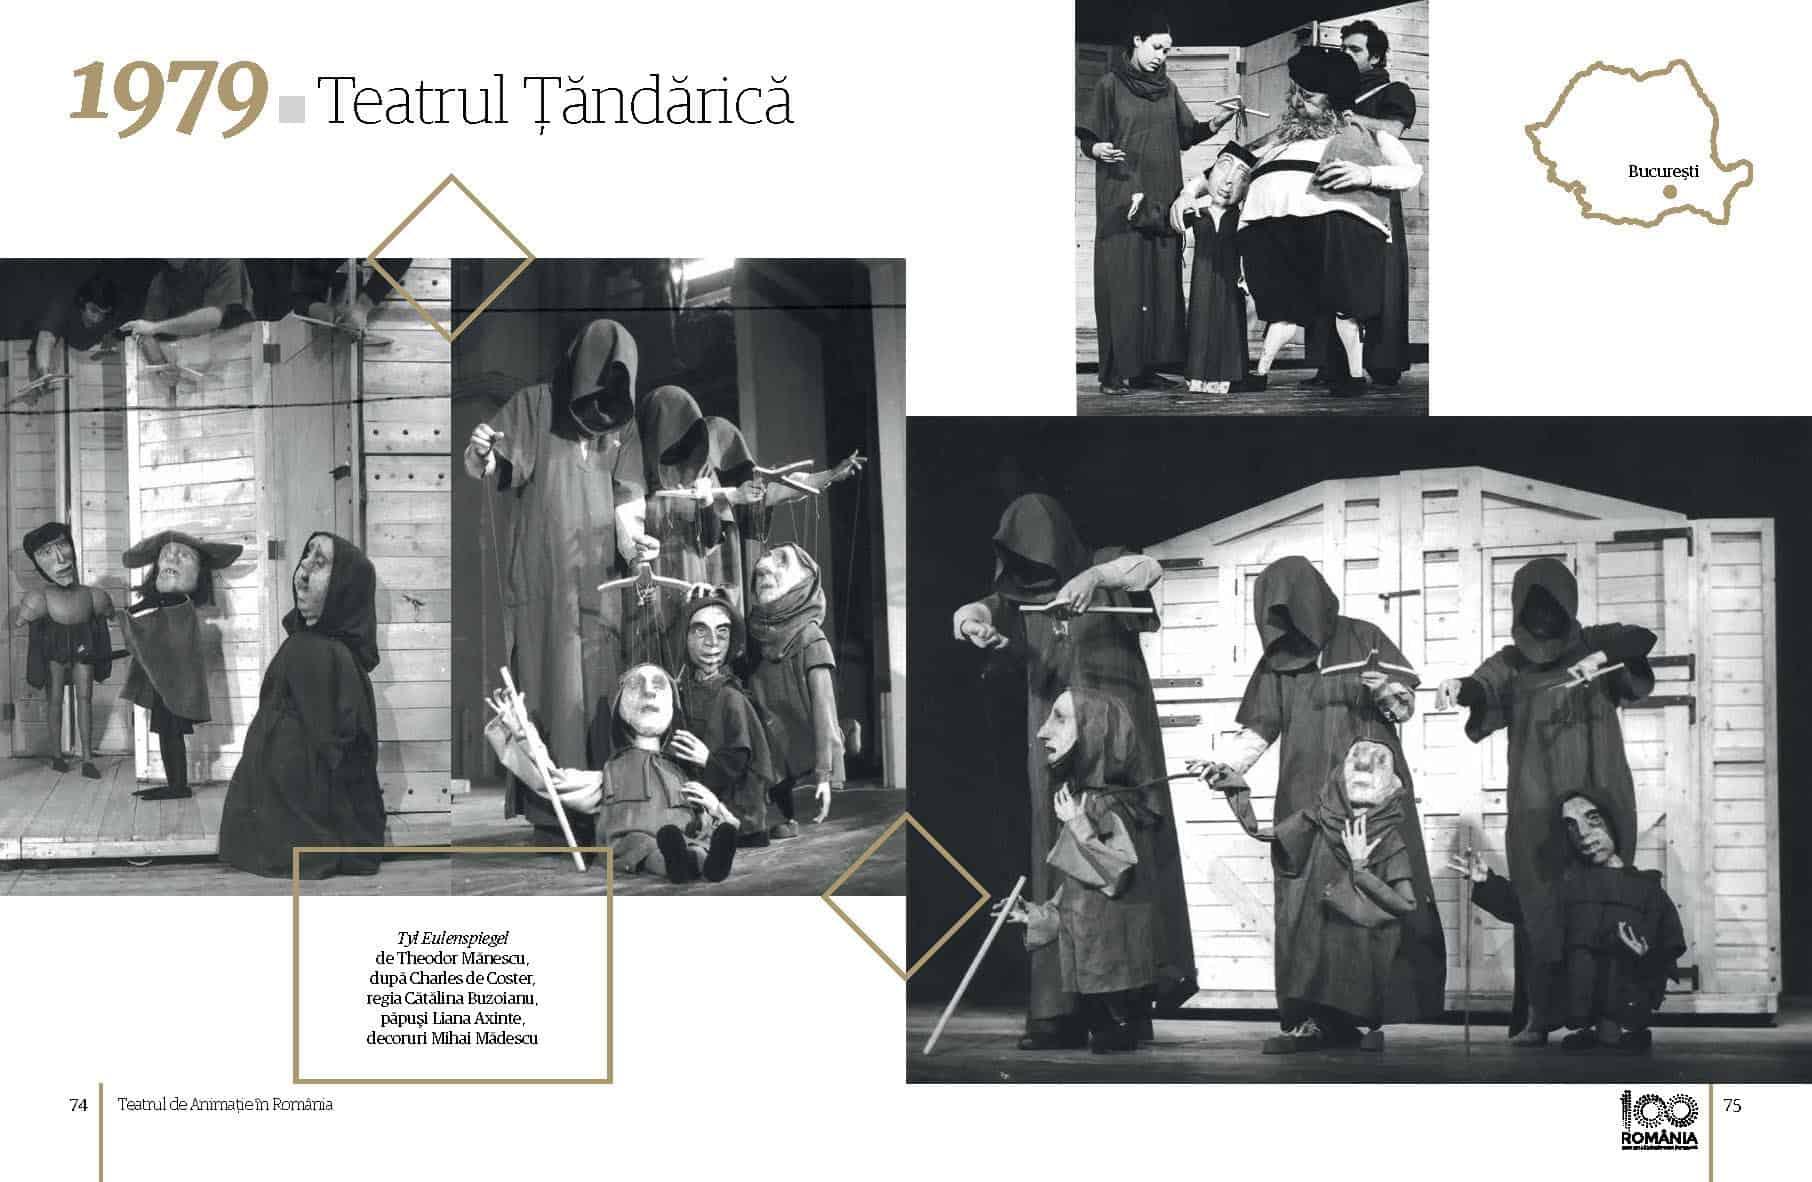 Album Teatrul de Animatie in Romania final preview fata in fata Page 38